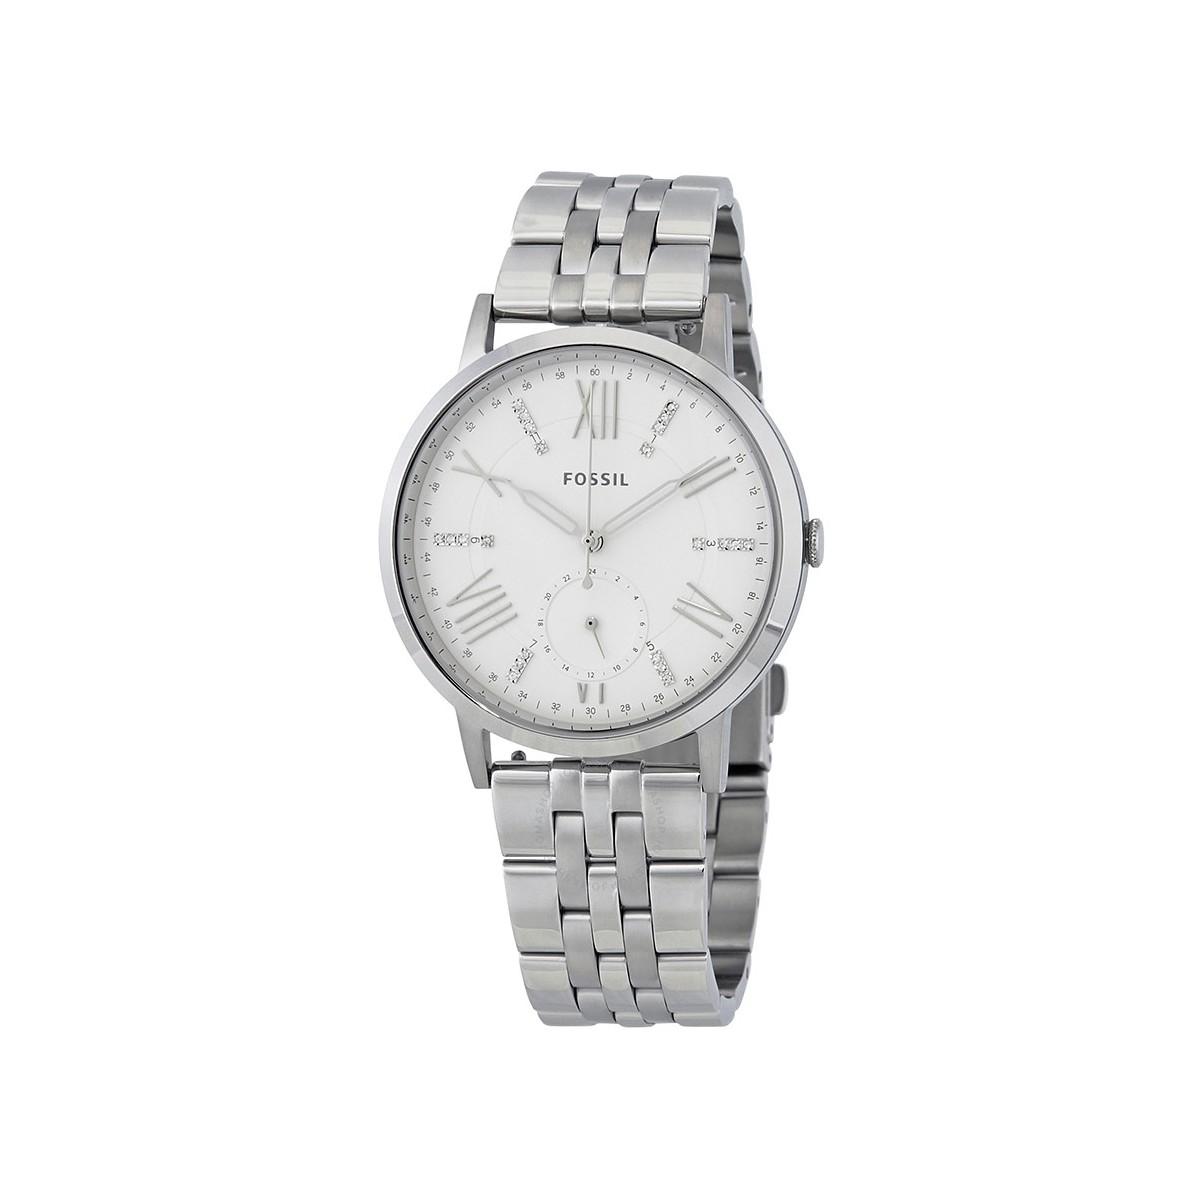 https://www.gaberjoyeria.com/4056-thickbox_default/reloj-fossil-gazer.jpg